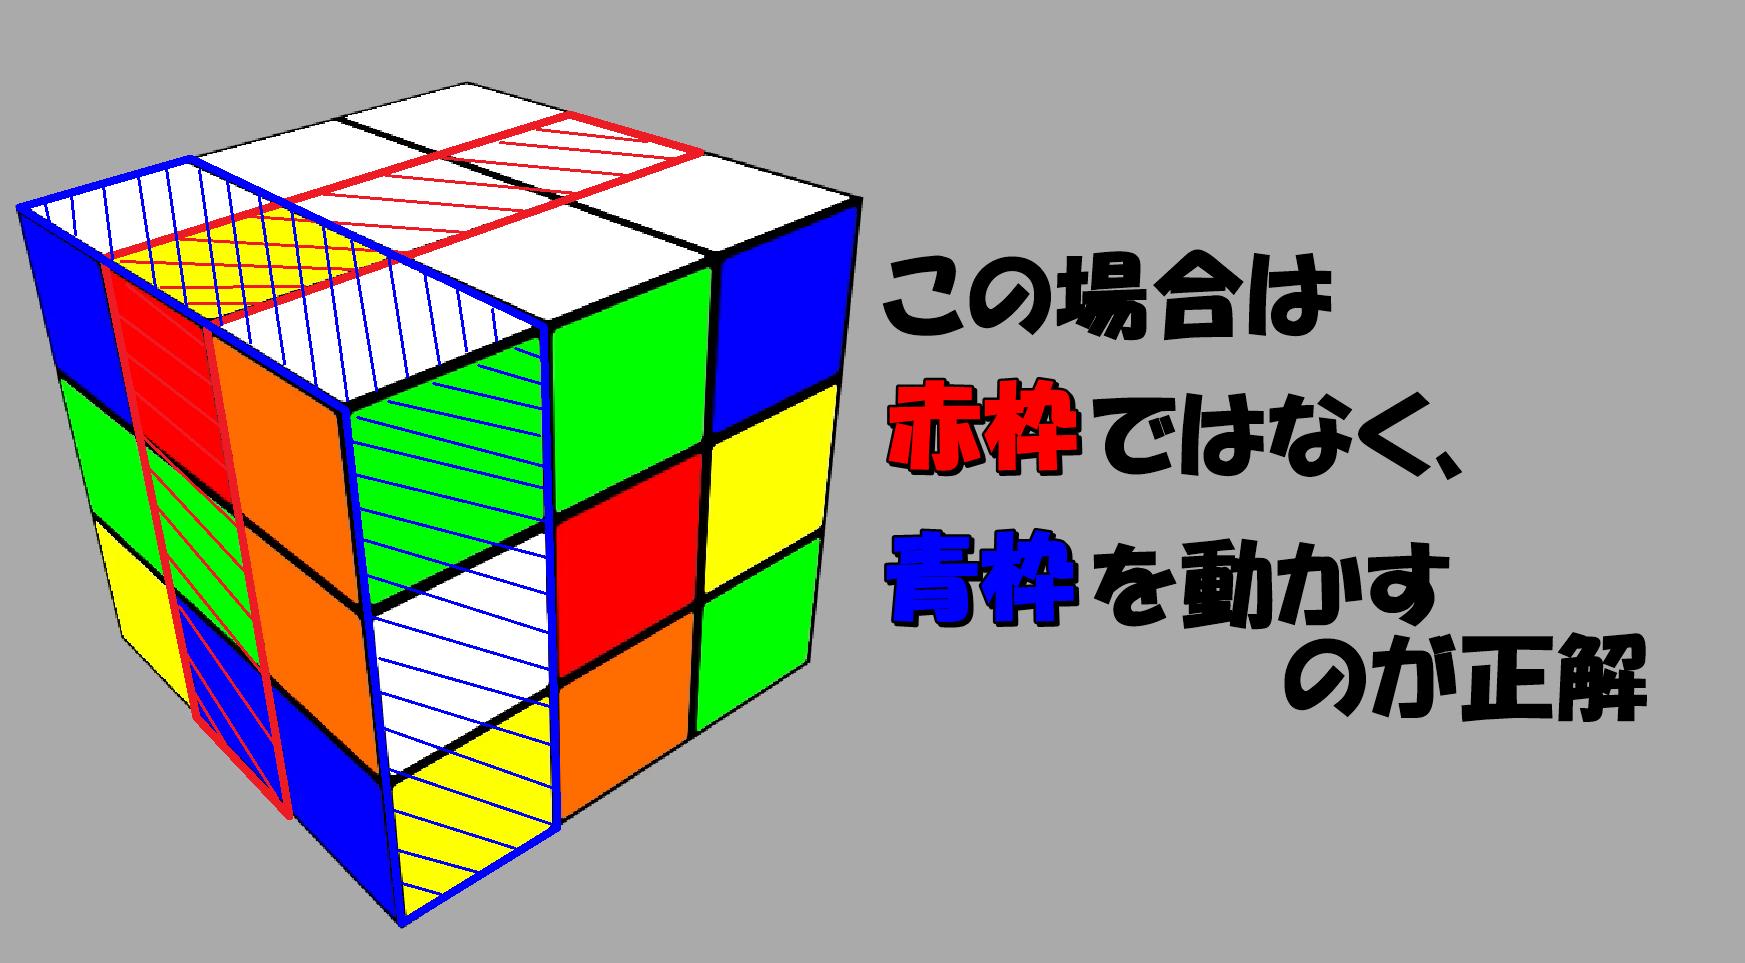 🍀ルービック キューブ 解き方